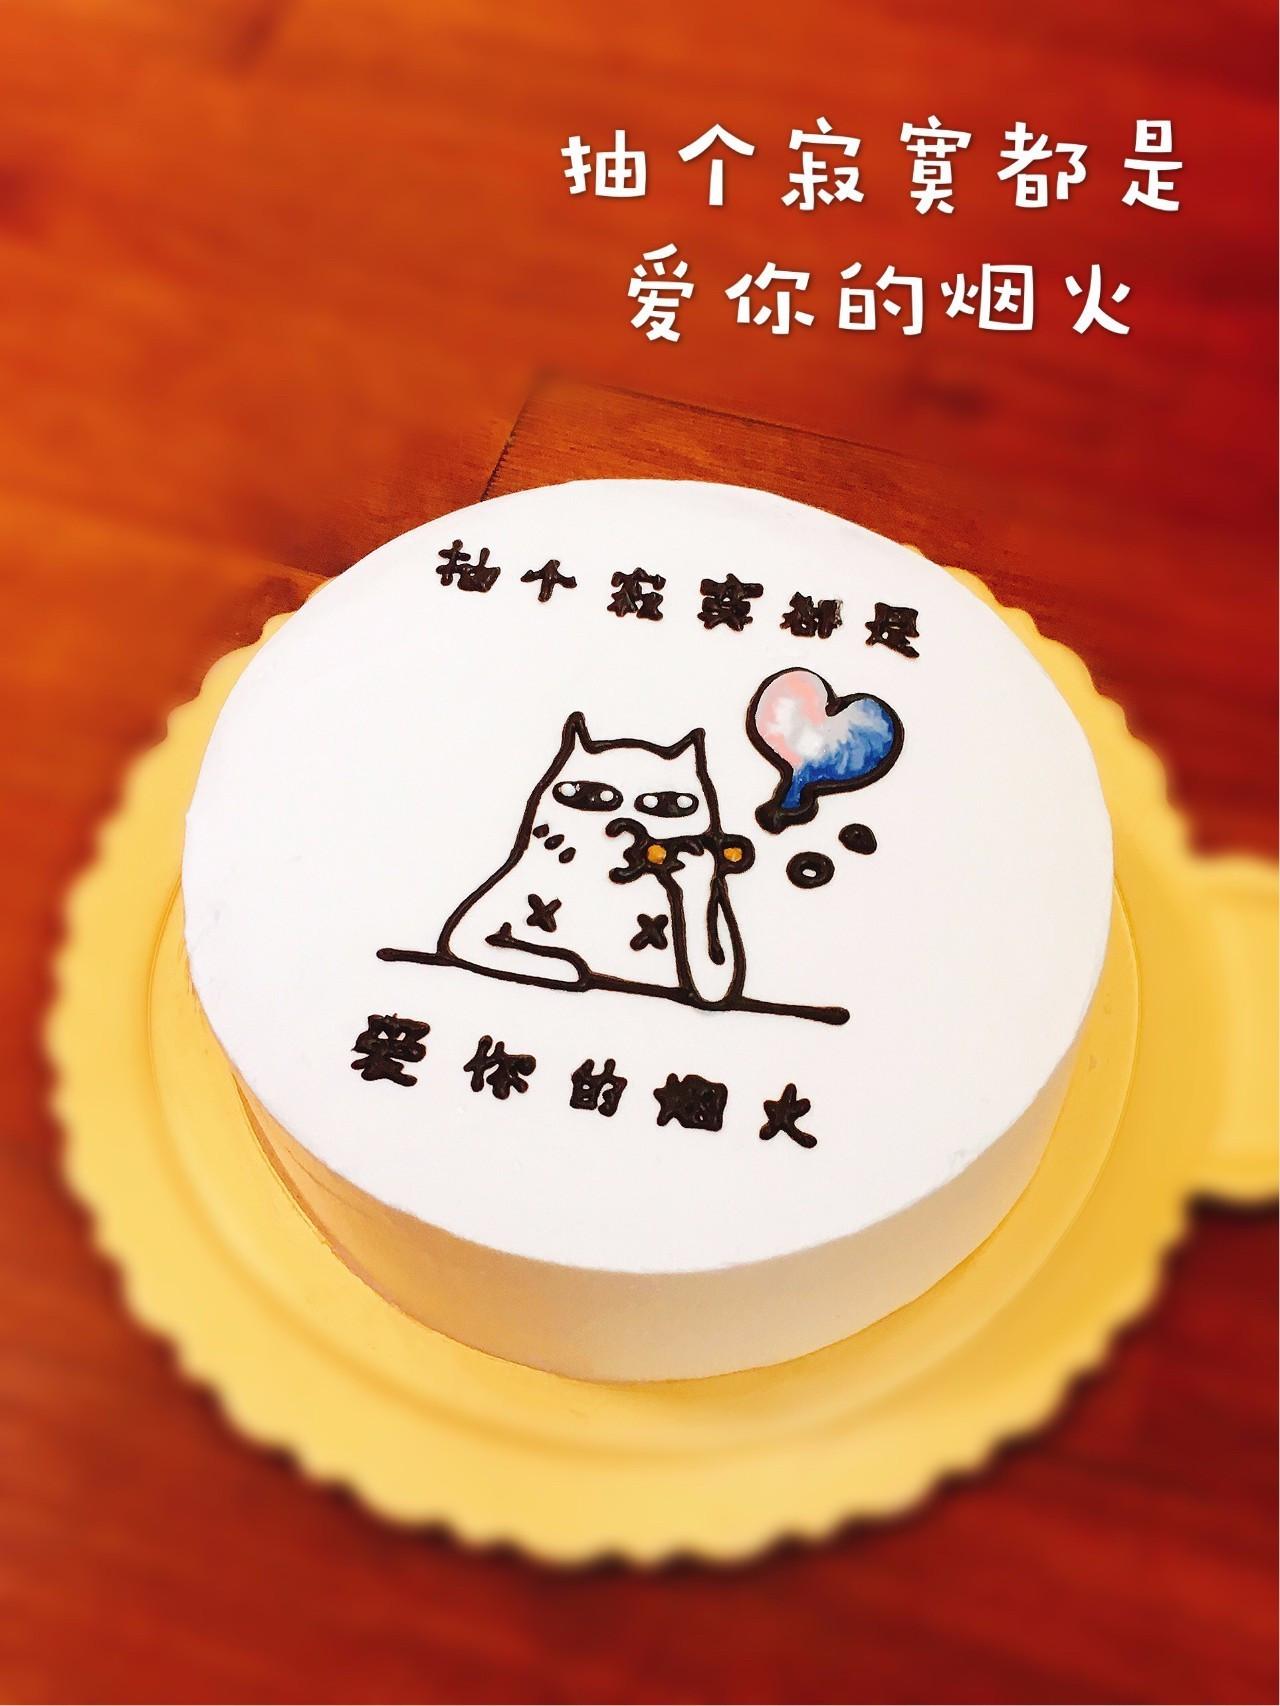 学有一手漂亮字 漫画手绘蛋糕,才是七夕完整表白